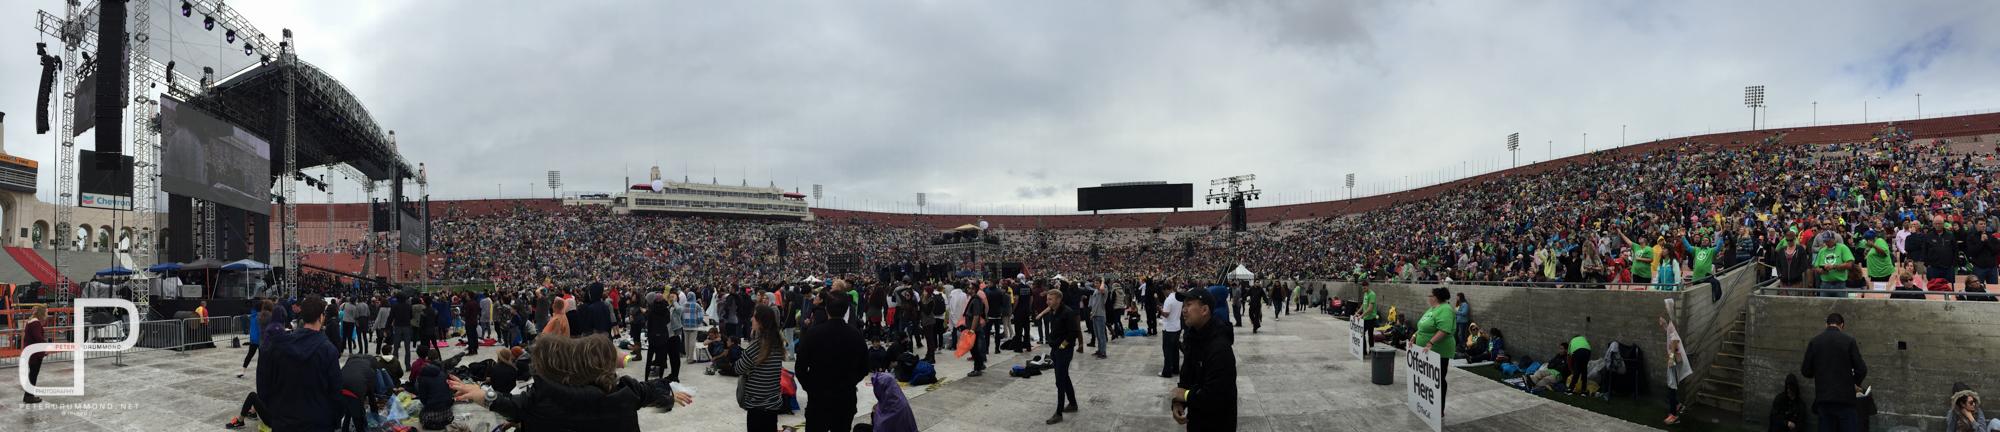 Azusa Now Crowd